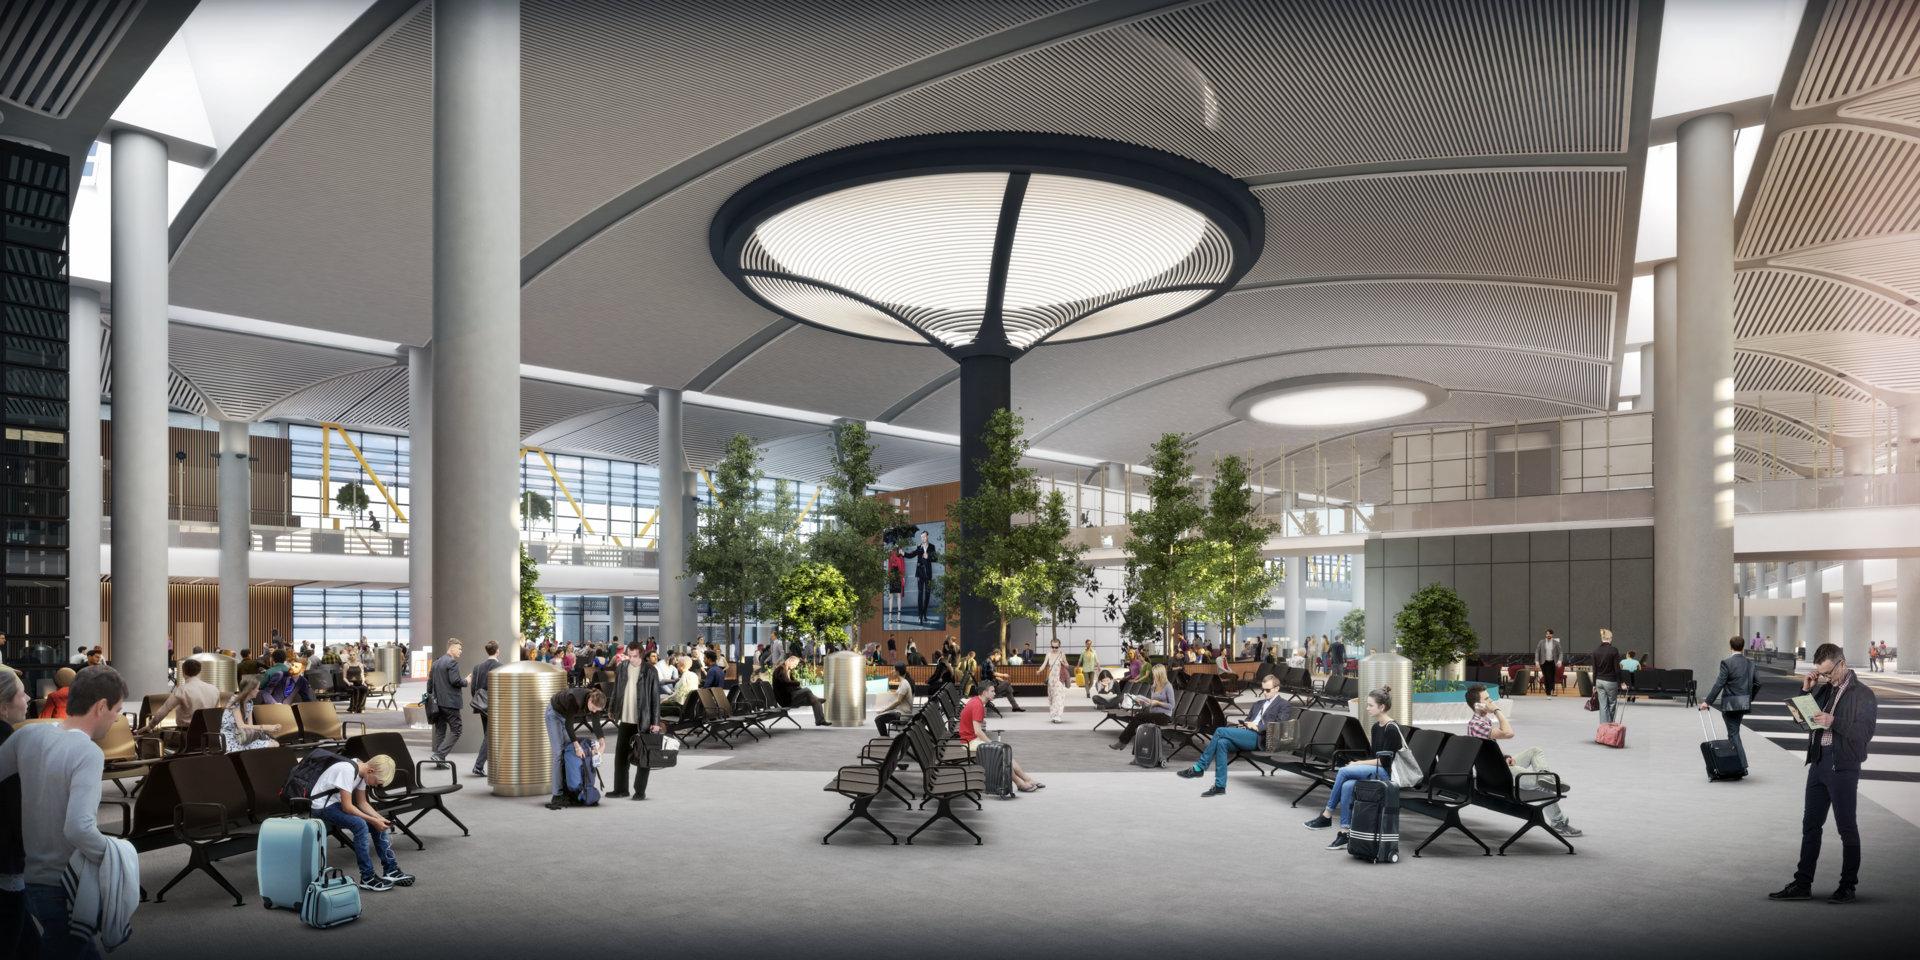 Flughafen ISL